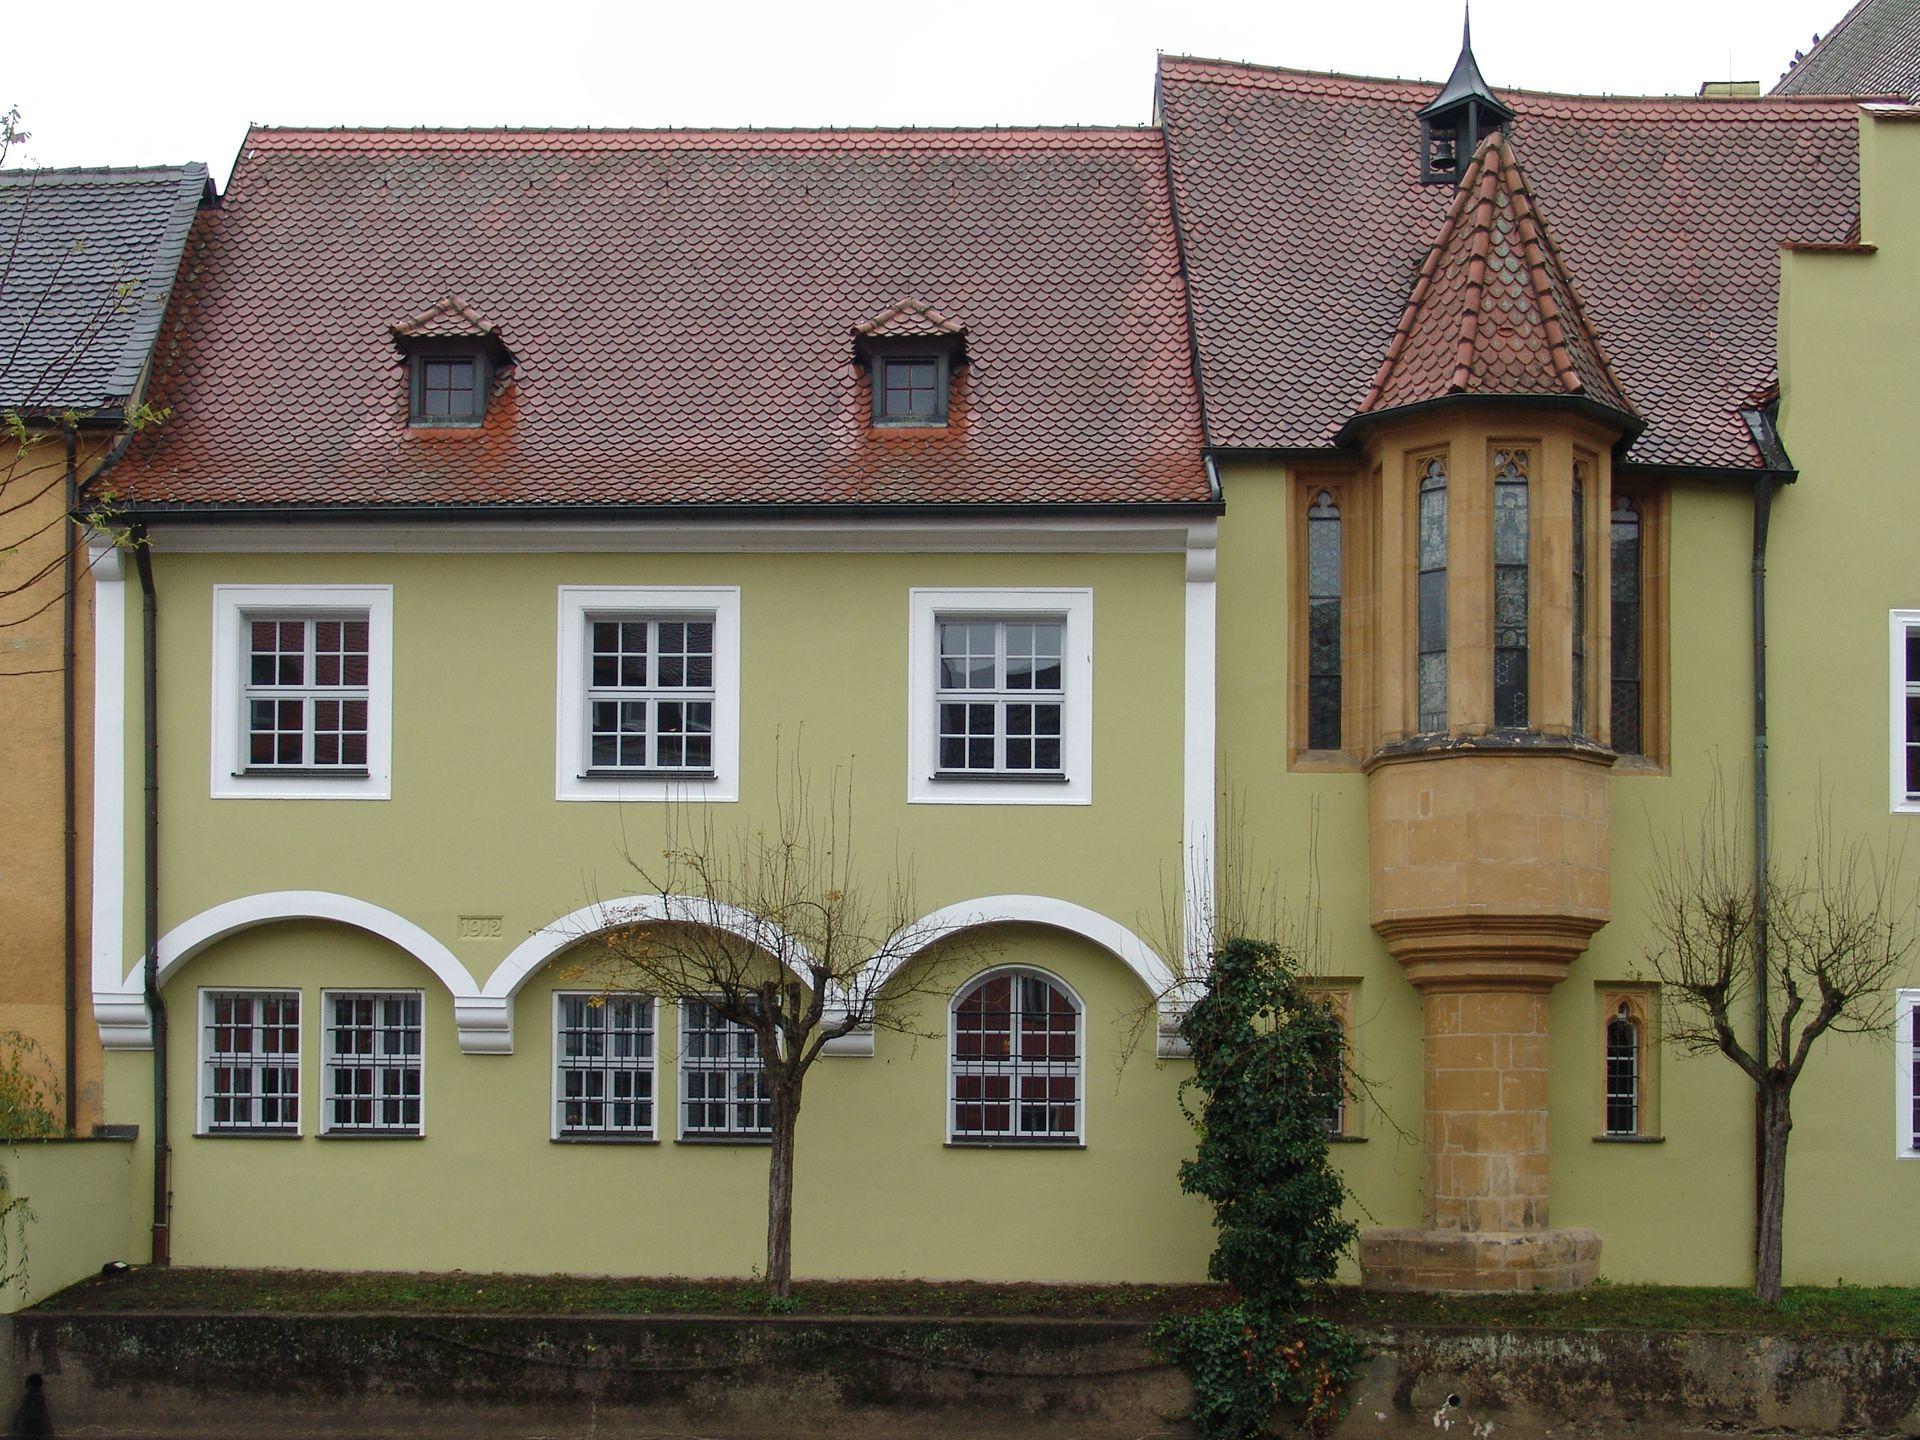 Klösterl (Amberg),  Anbau des Südflügels Anbau des Südflügels, (rechts Kapellenerker aus der Zeit vor 1400)